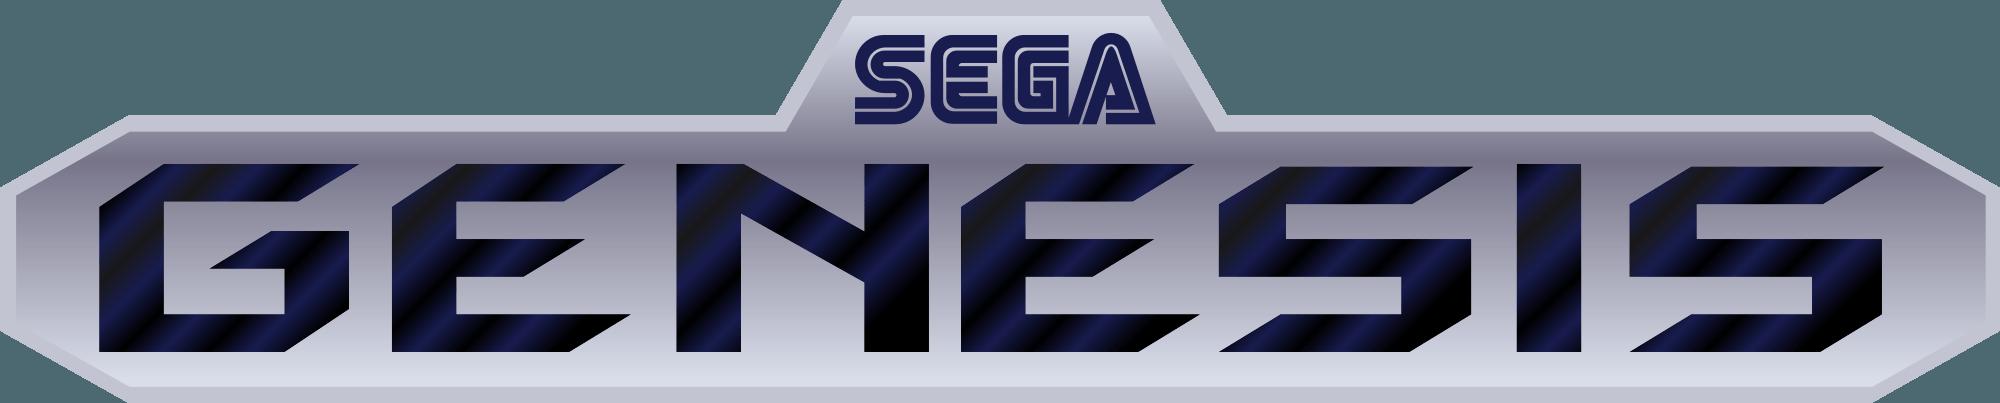 Sega Genesis Sega Genesis Sega Master System Sega